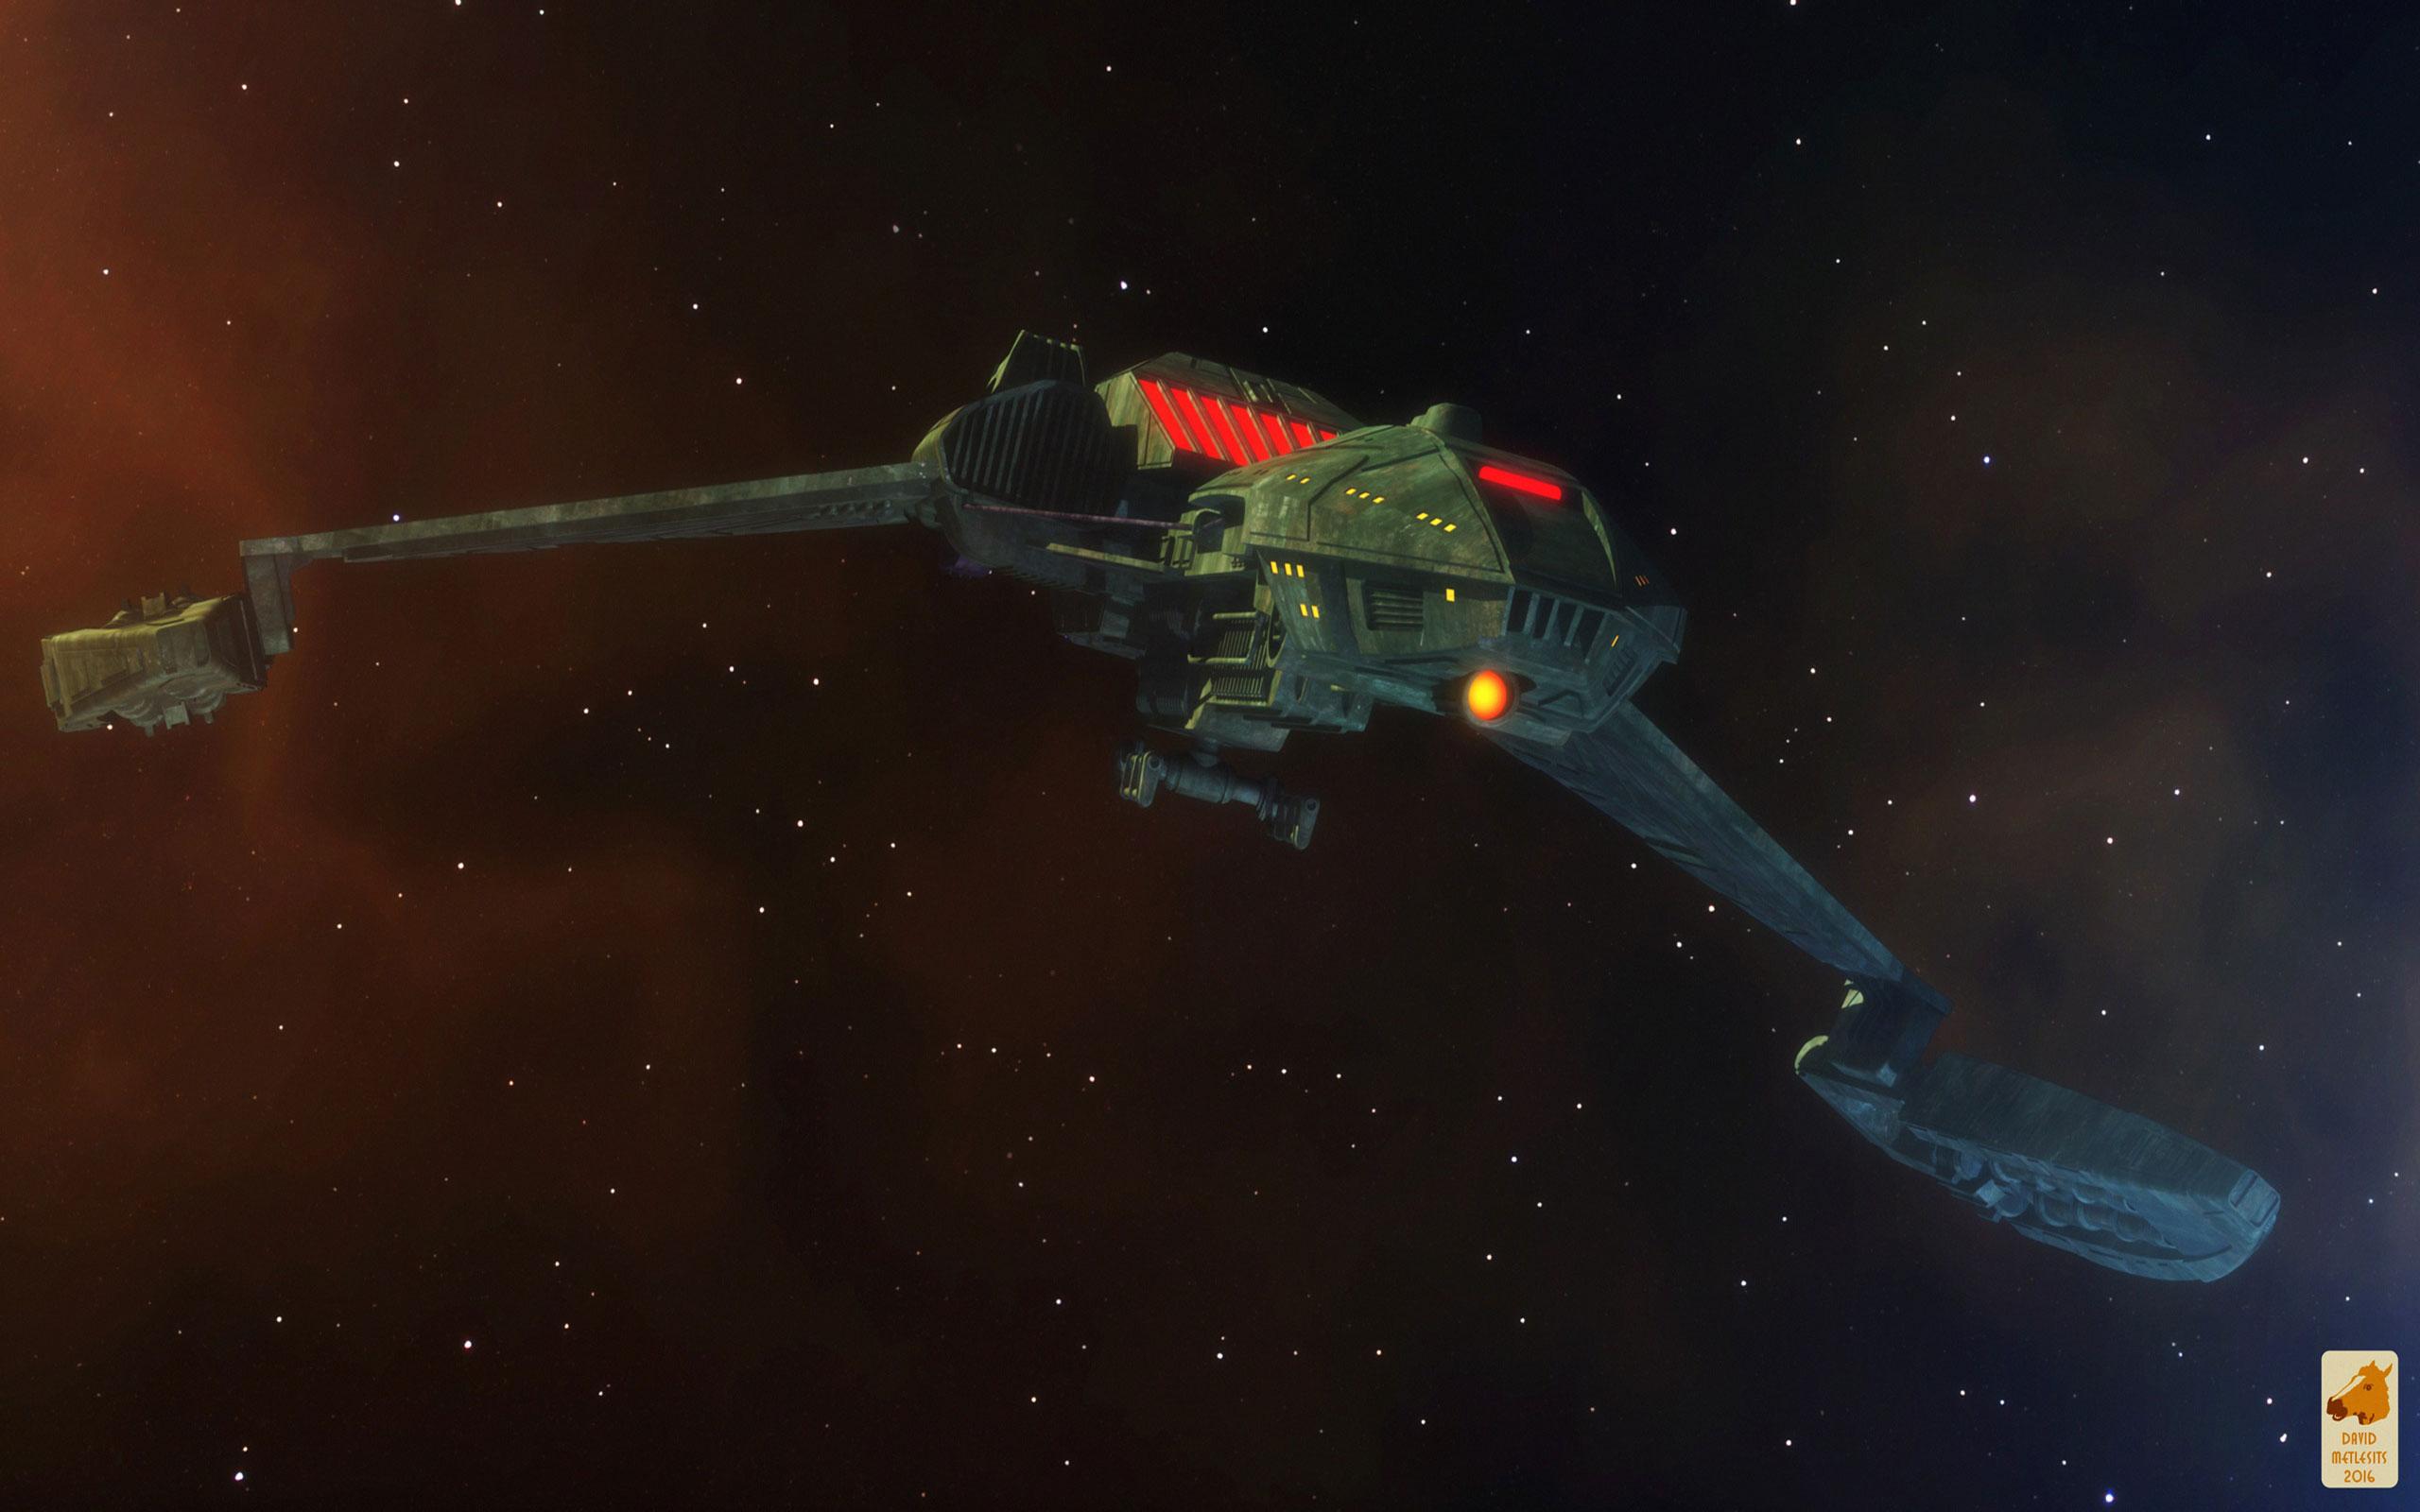 Star Trek Klingon D5 Class Battlecruiser Star 1769757 Hd